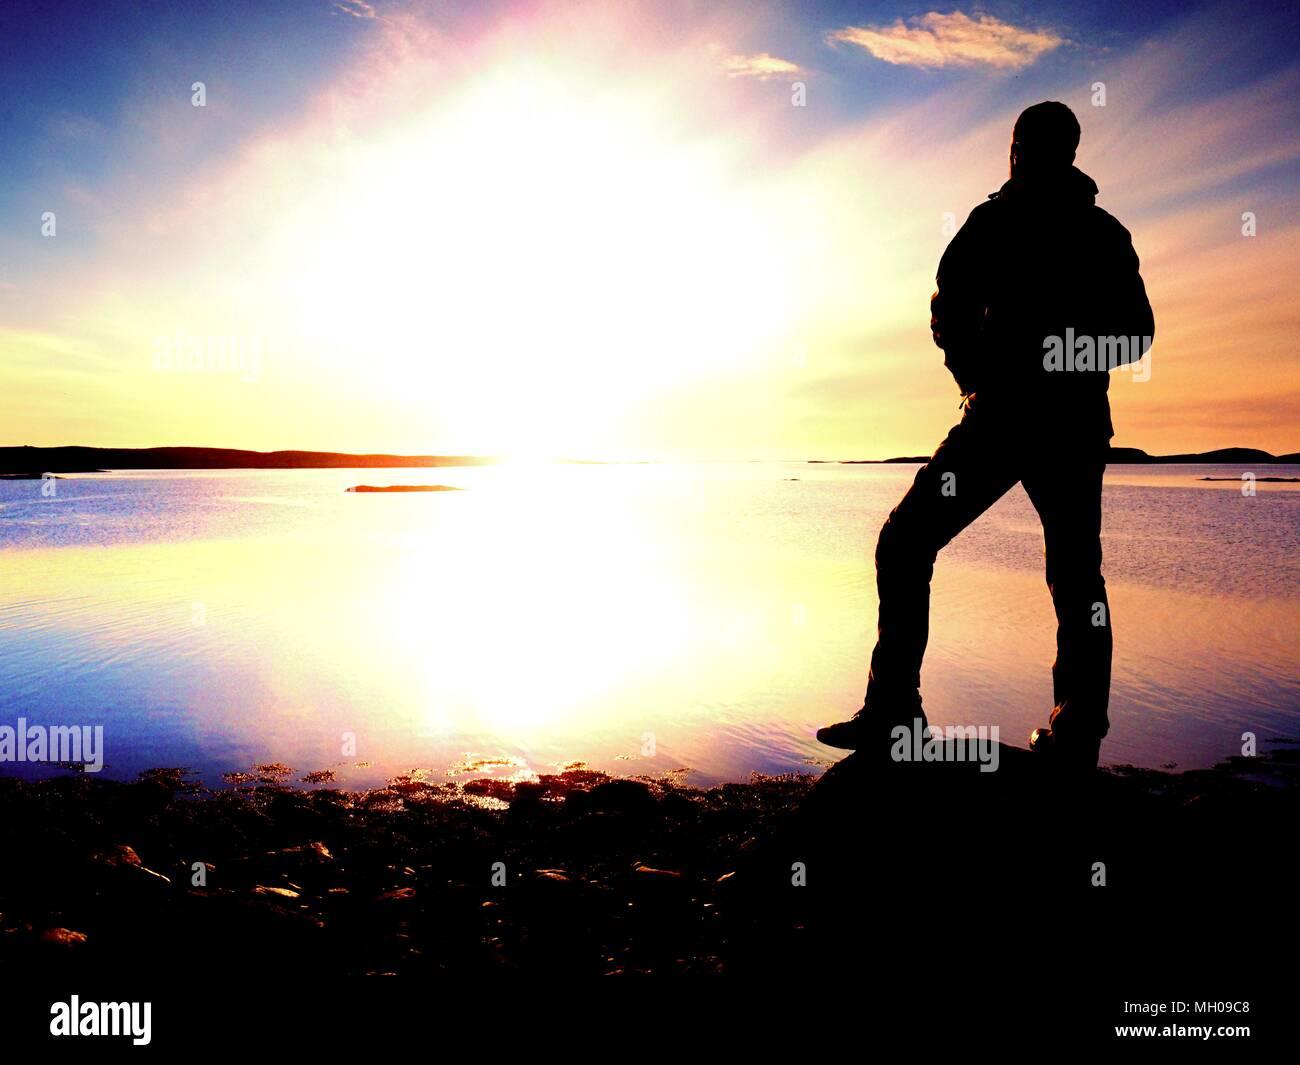 Silhouette di uomo in abbigliamento outdoor sulla scogliera rocciosa al di sopra del mare. Hikerthinking durante il tramonto in background. Viaggiare lontano concetto. Immagini Stock